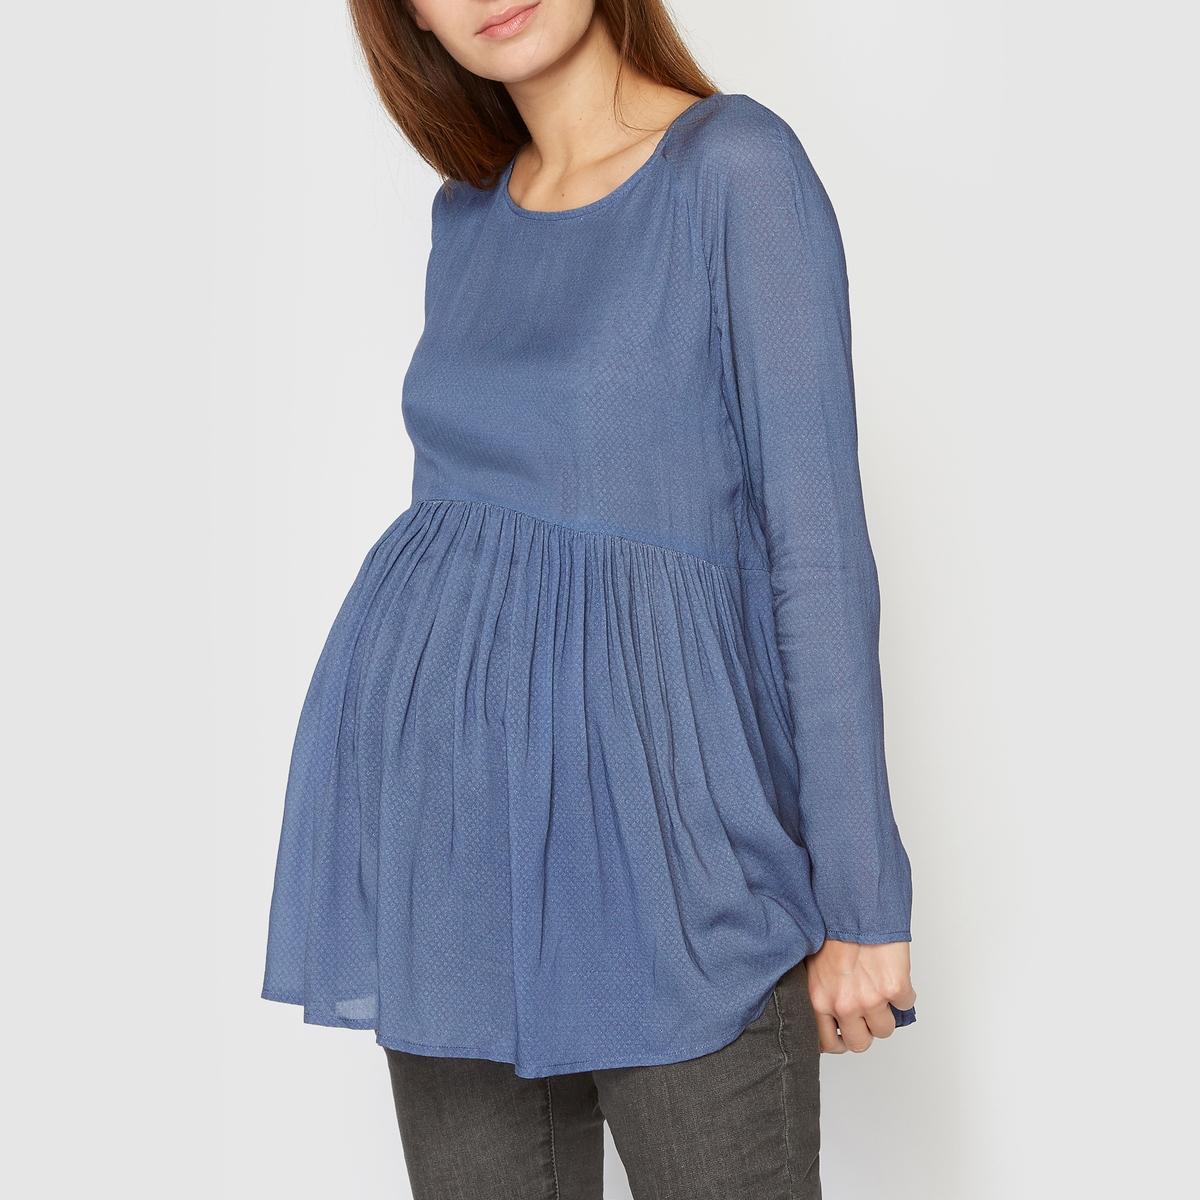 Блузка для периода беременности, длинные рукава